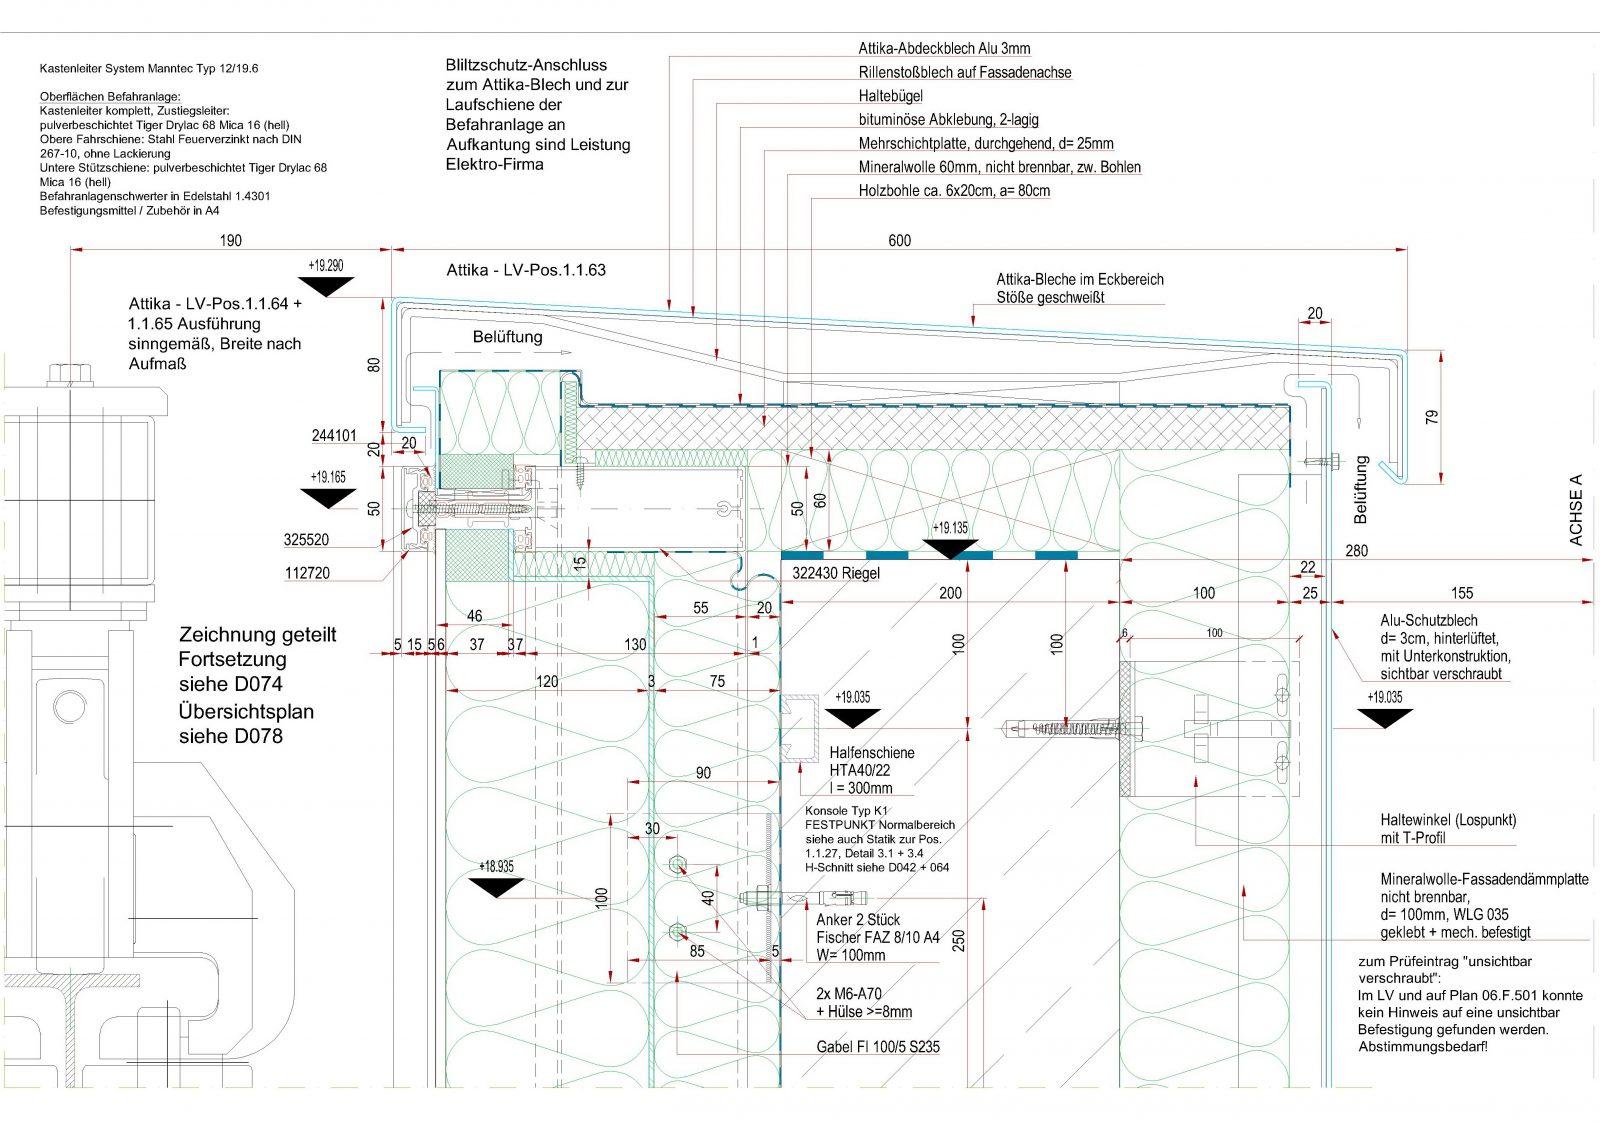 klinikum ernst von bergmann potsdam risse. Black Bedroom Furniture Sets. Home Design Ideas